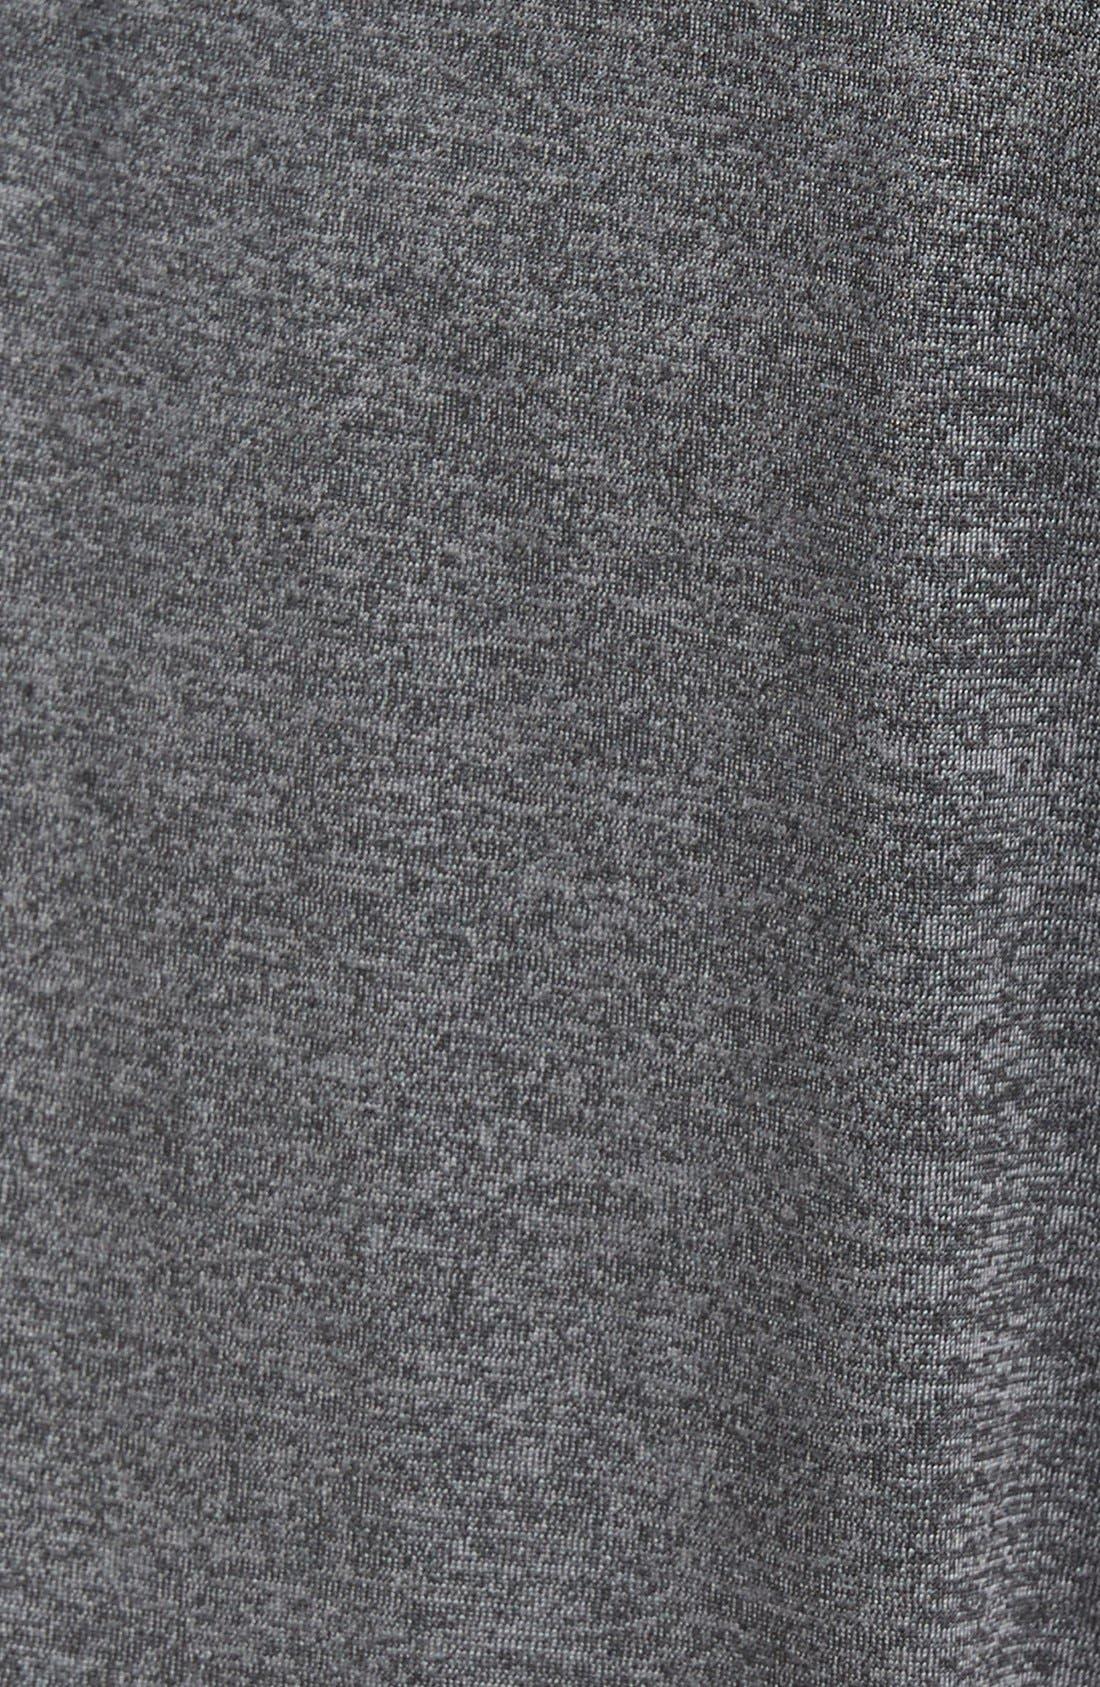 NIKE,                             'Ultimate Dry Knit' Dri-FIT Training Pants,                             Alternate thumbnail 3, color,                             010